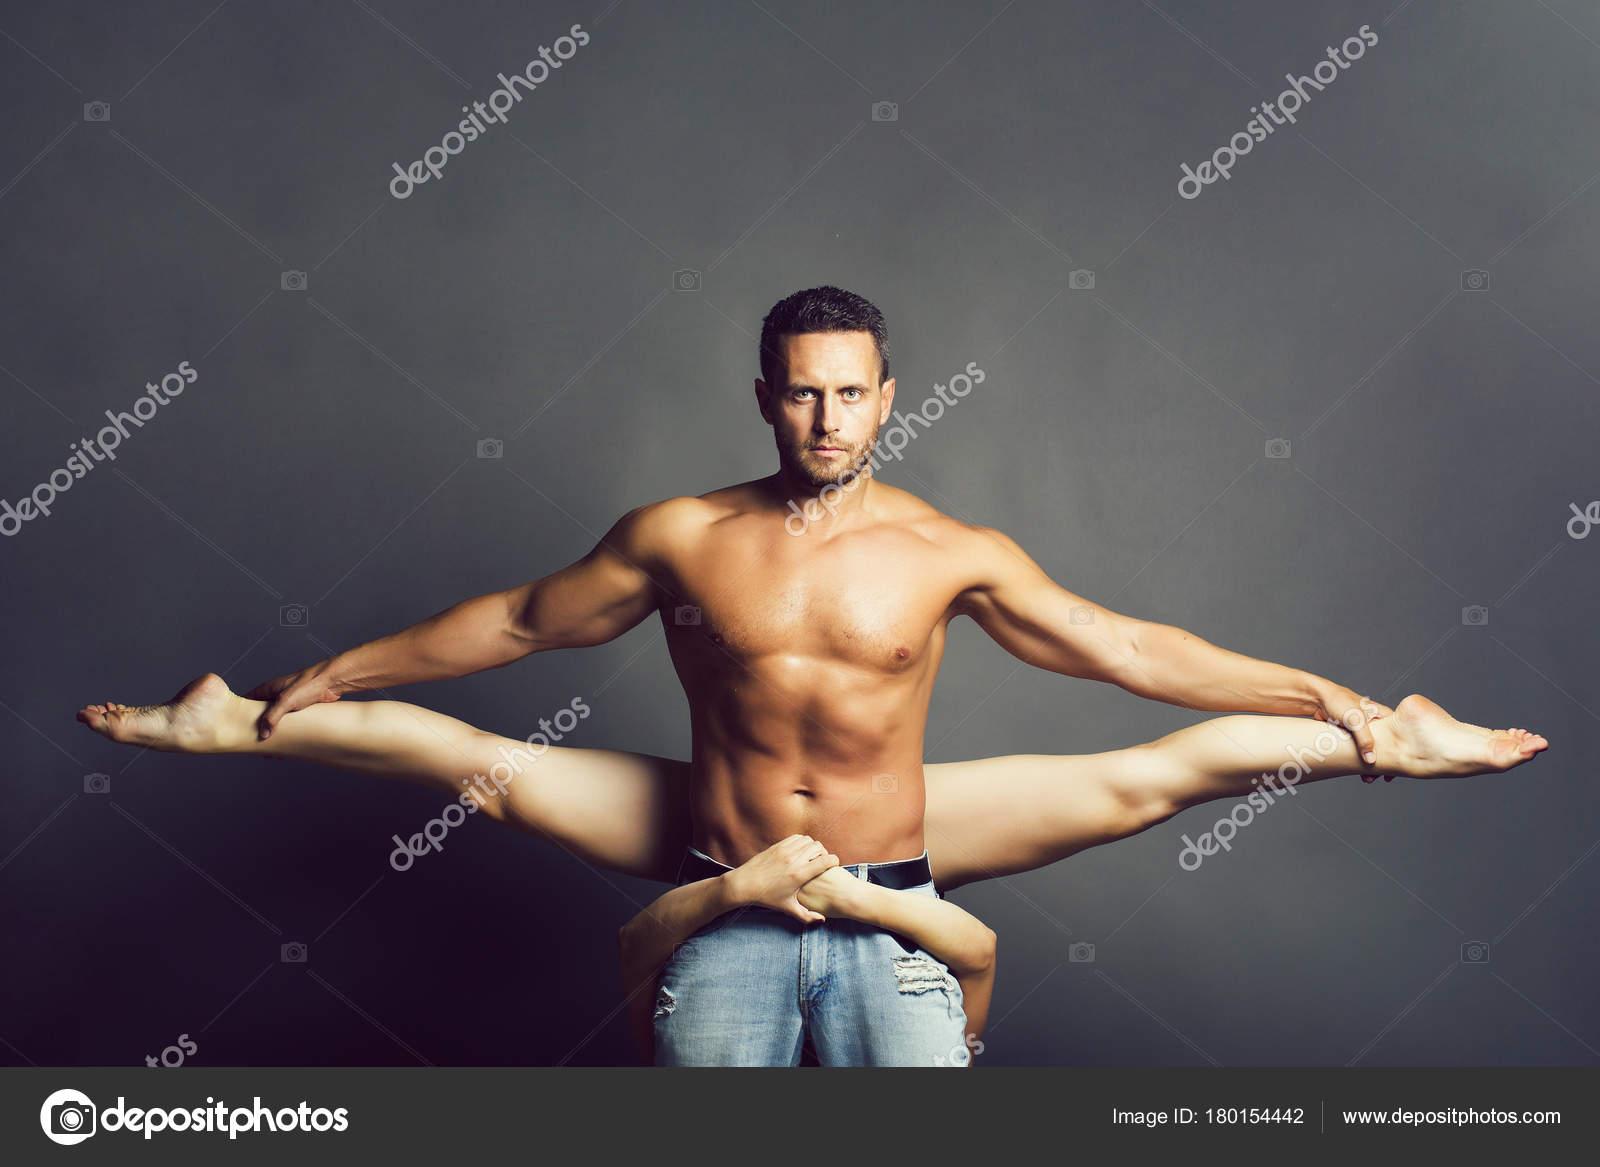 2eef79c58 Pareja joven sexy de hombre musculoso guapo en jeans con el torso desnudo  es bastante flexible mujer o niña bailando danza gimnástica contemporáneo o  ...